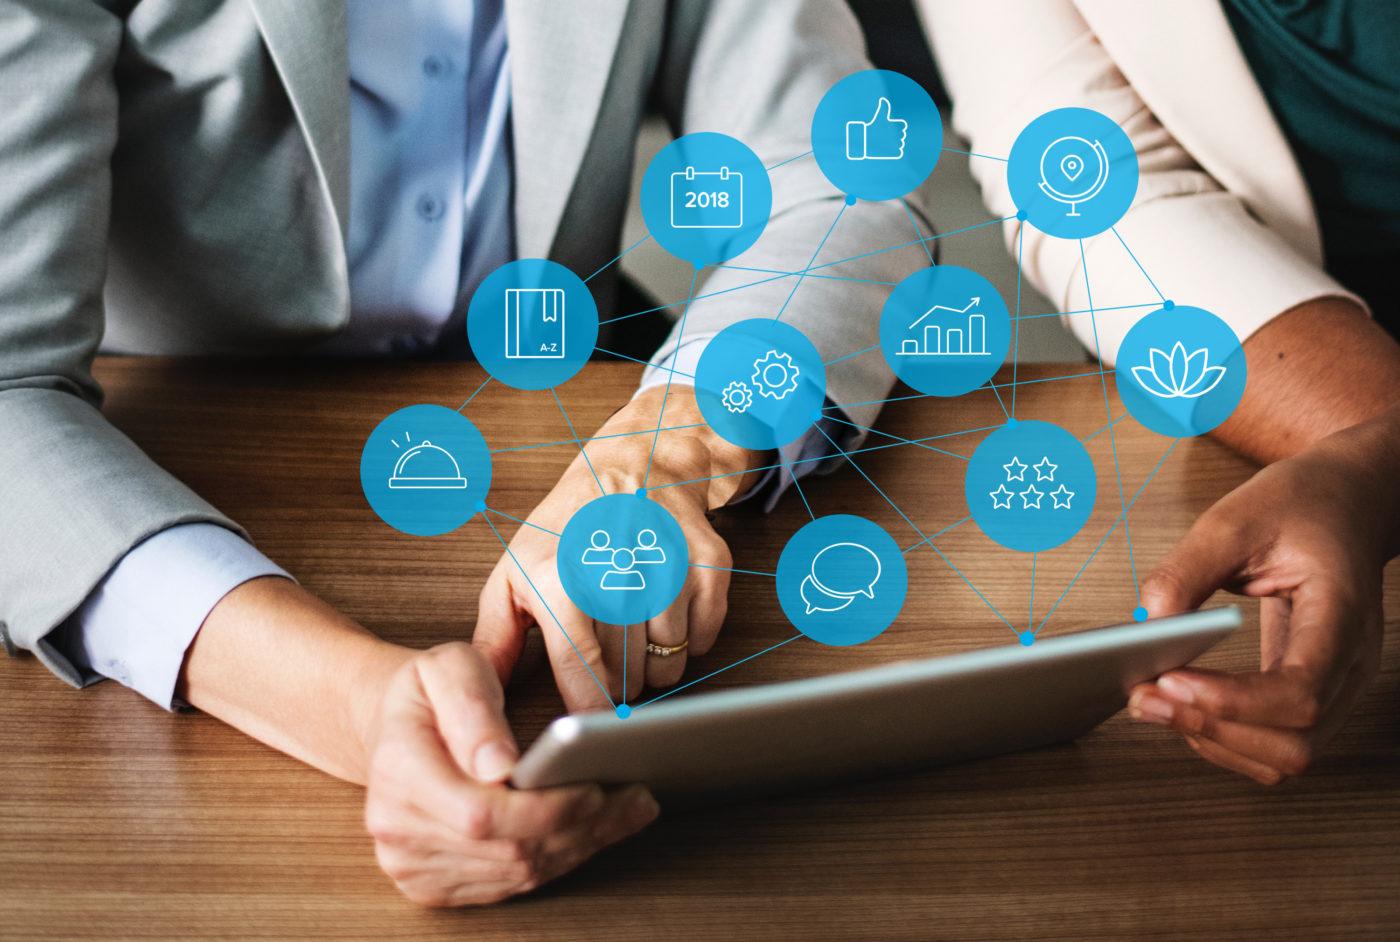 Gastfreund als cloudbasierte Plattform zur Gästekommunikation © Gastfreund GmbH